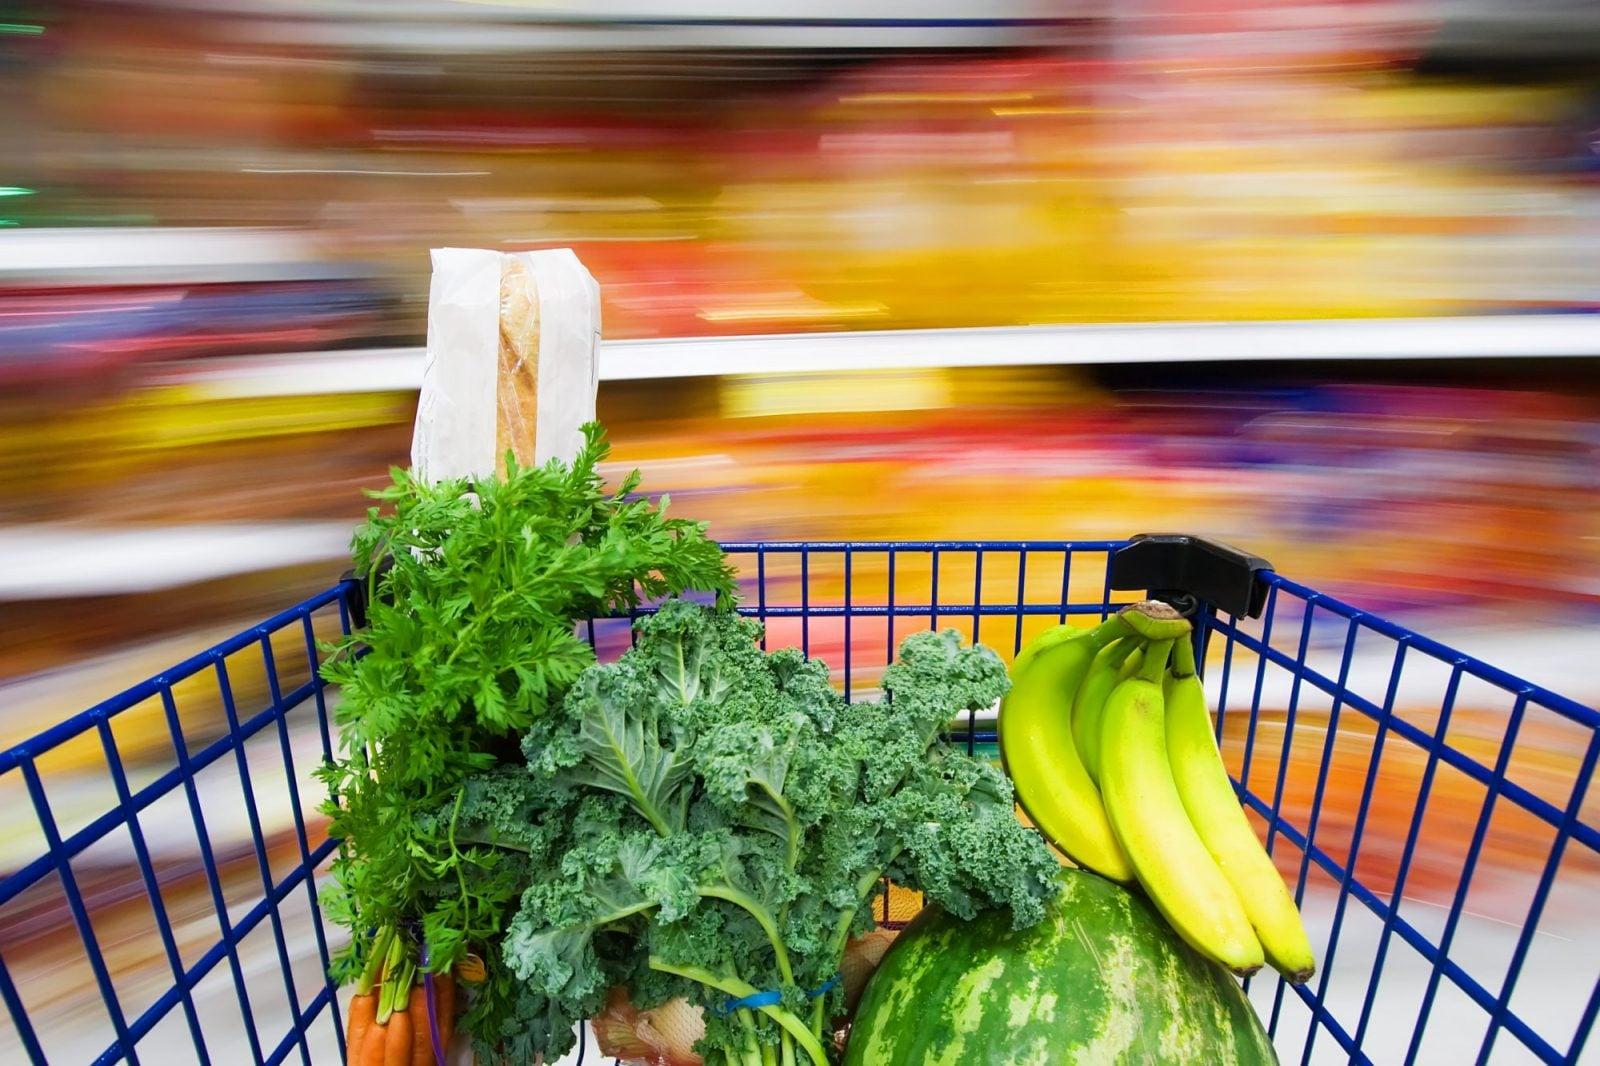 Supermarchés / Hypermarchés